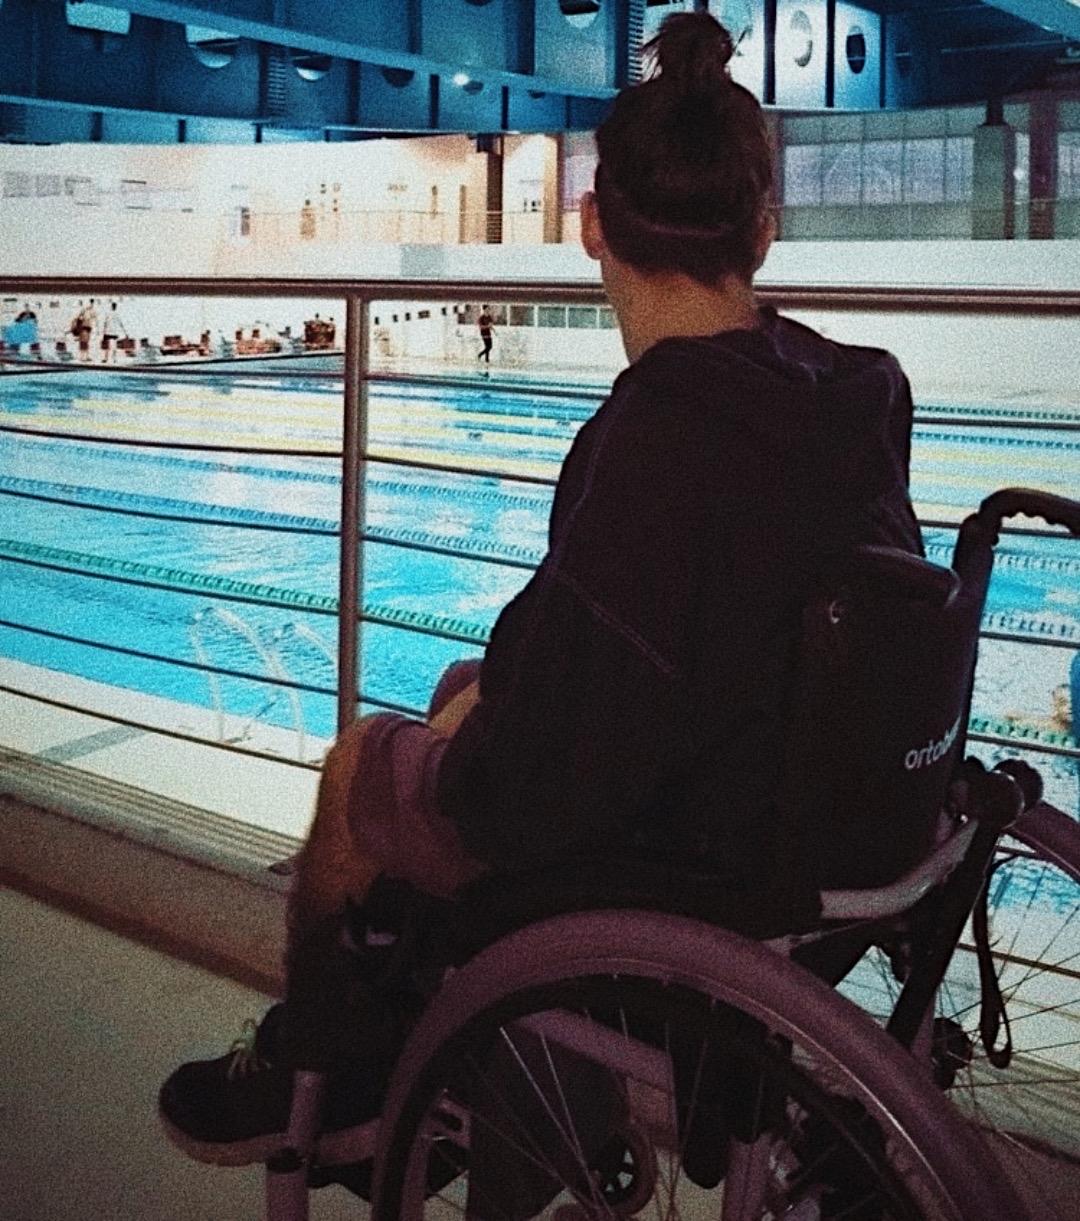 Está foto foi tirada no Centro Paralímpico de São Paulo, Tato é um menino branco e ele veste um agasalho preto. Ele está com o seu cabelo preso e a lateral toda de seu cabelo raspada, o mesmo veste uma bermuda bege e um tênis azul e branco com o cordão verde-florescente. Ele está sentado em sua cadeira de rodas (Fly) preta e cinza, ele está de costas para a foto em uma arquibancada olhando a piscina e alguns atletas treinando. A estrutura superior do ginásio é pintada toda em azul escuro.